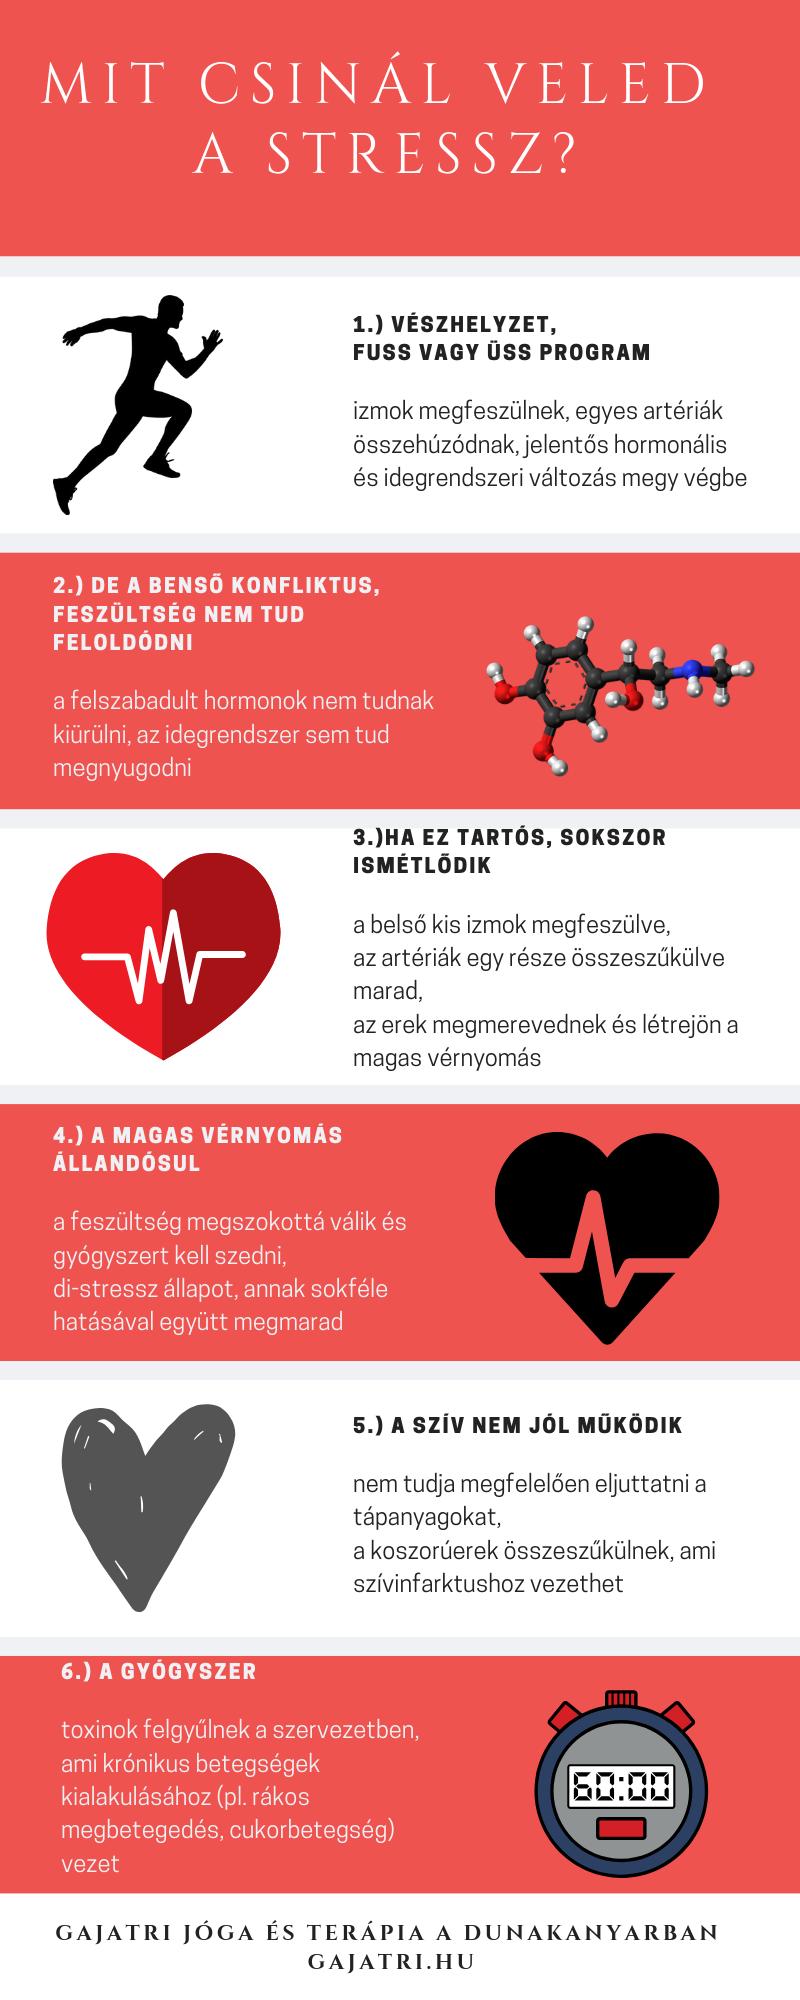 magas vérnyomás 3 szakasz a magas vérnyomás modern kezelési rendje